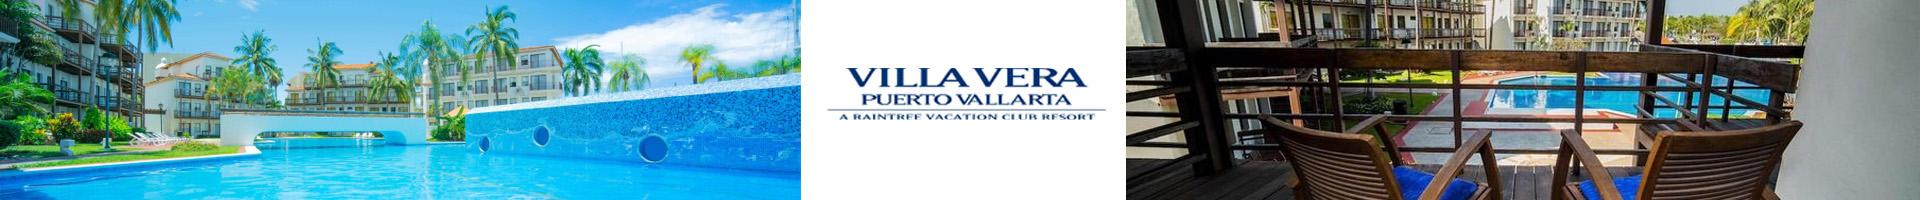 web info channel villa vera